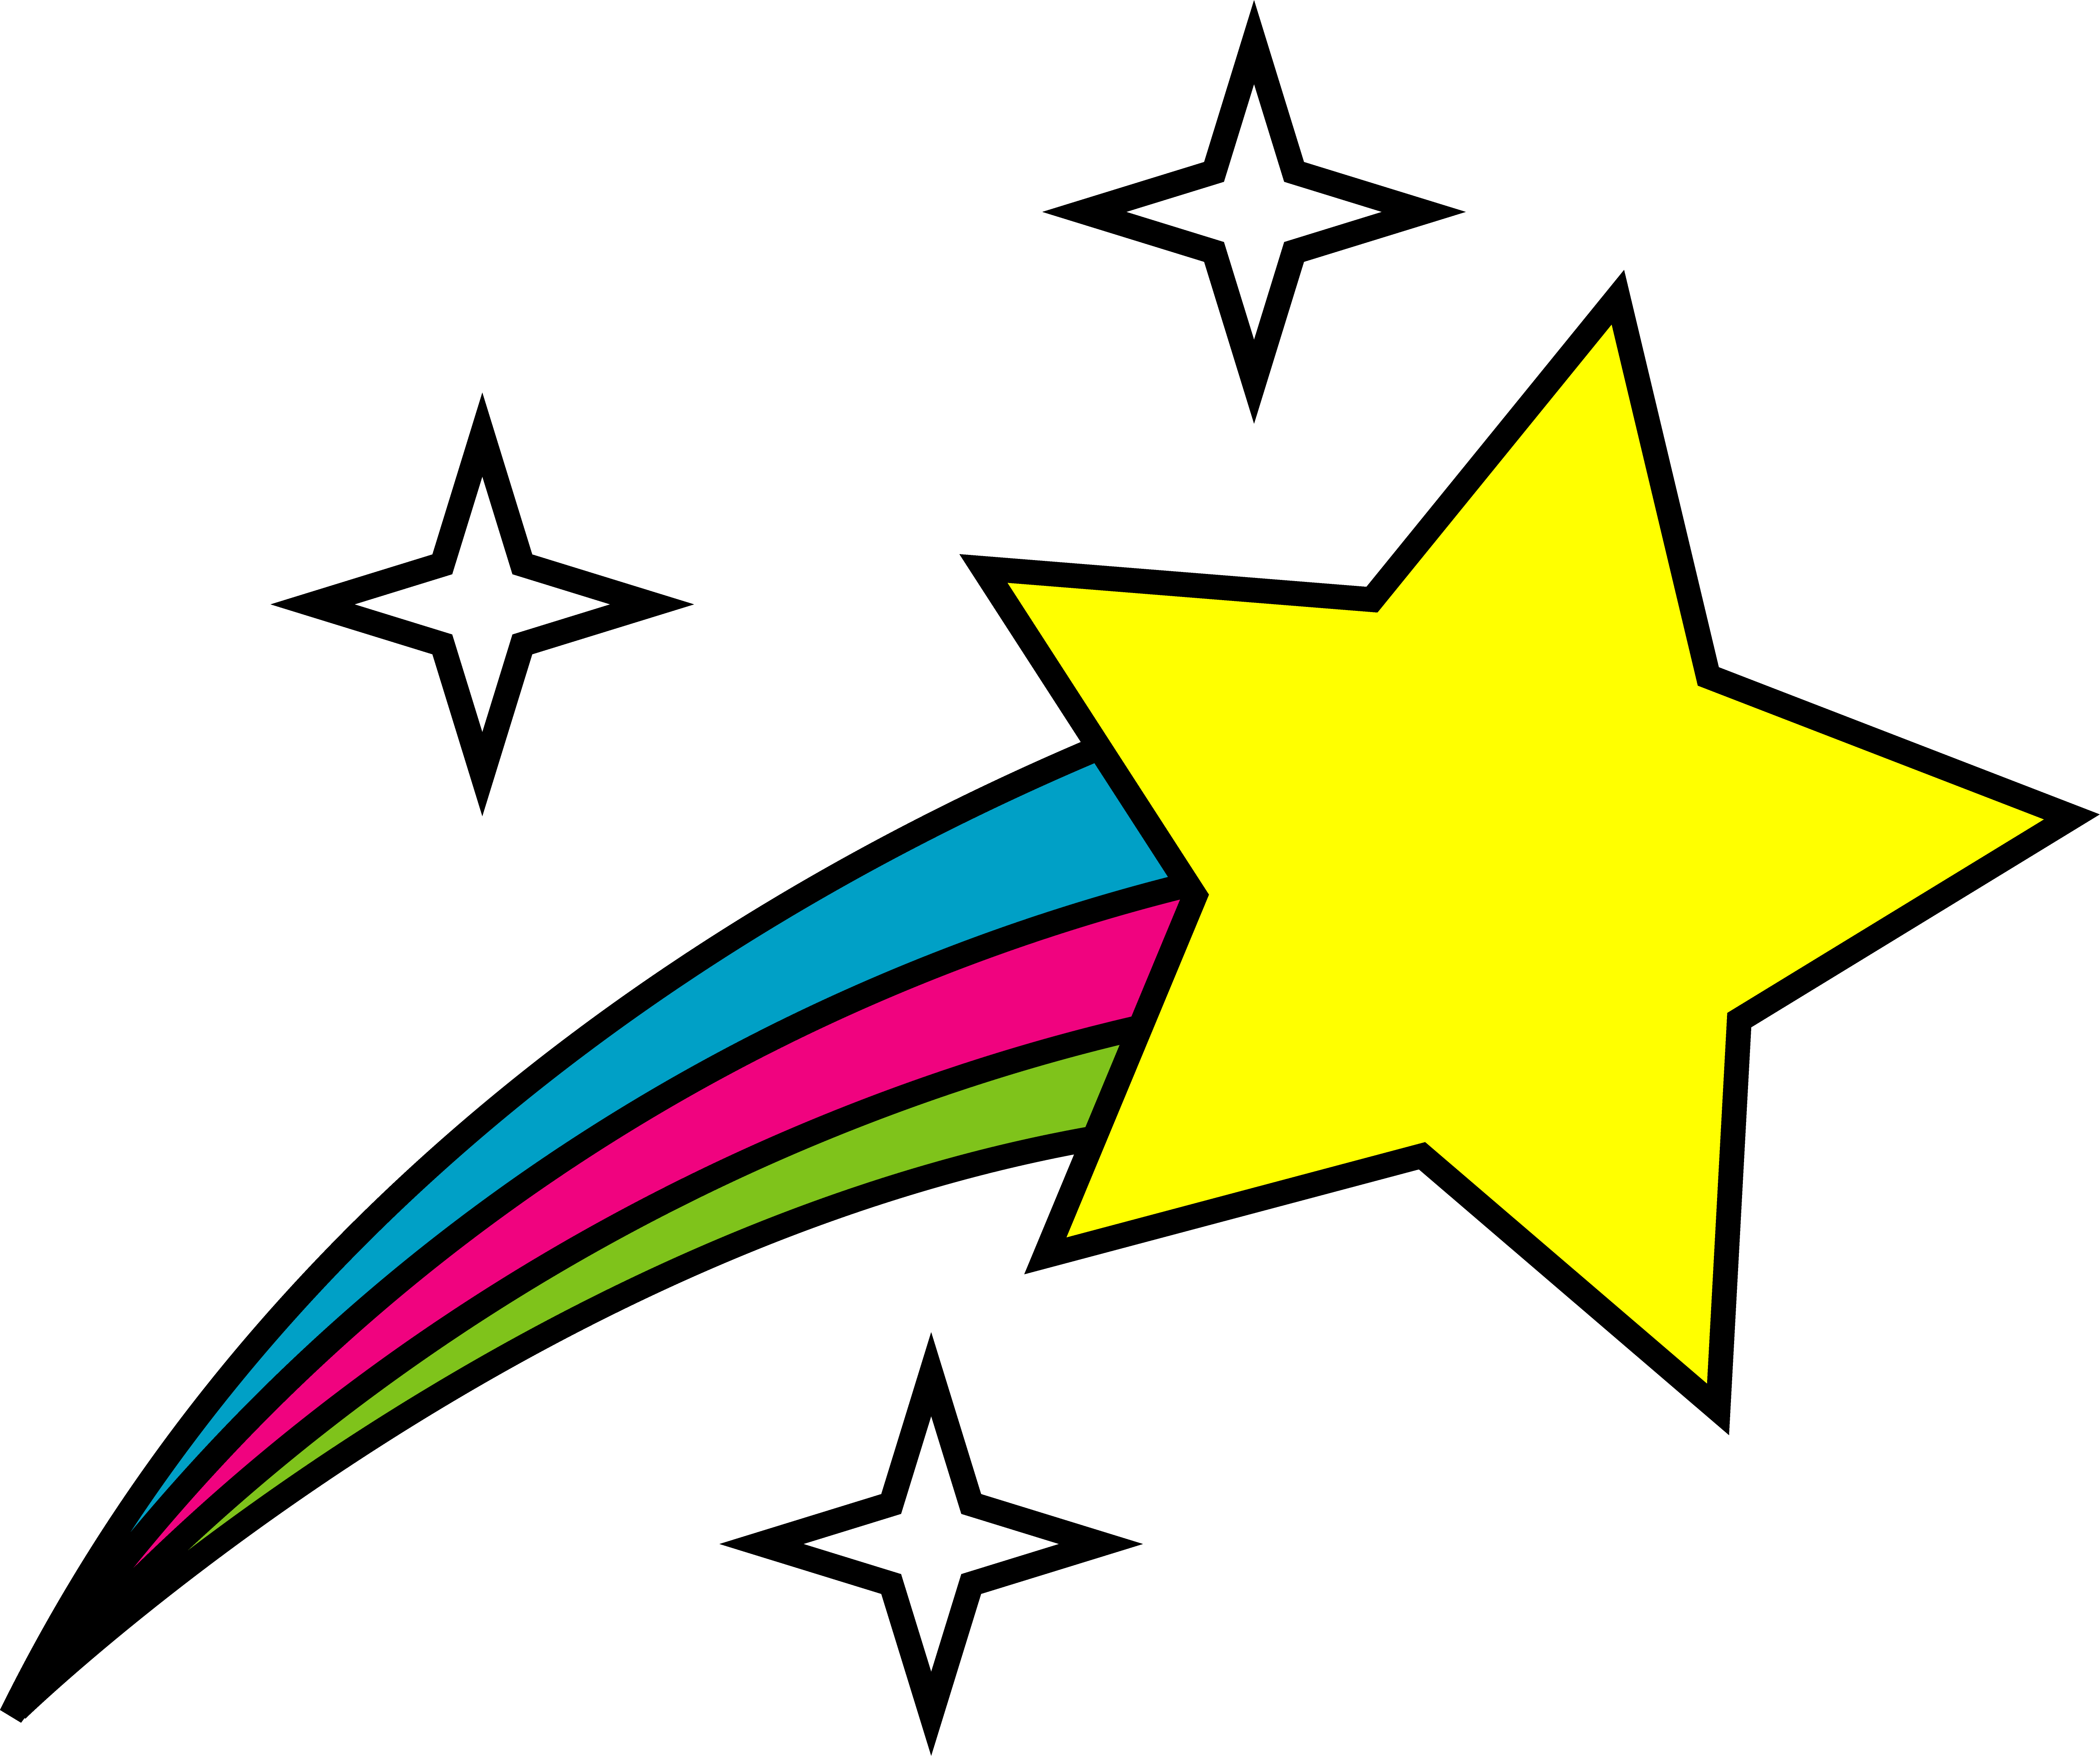 5292x4424 Clip Art Of Stars